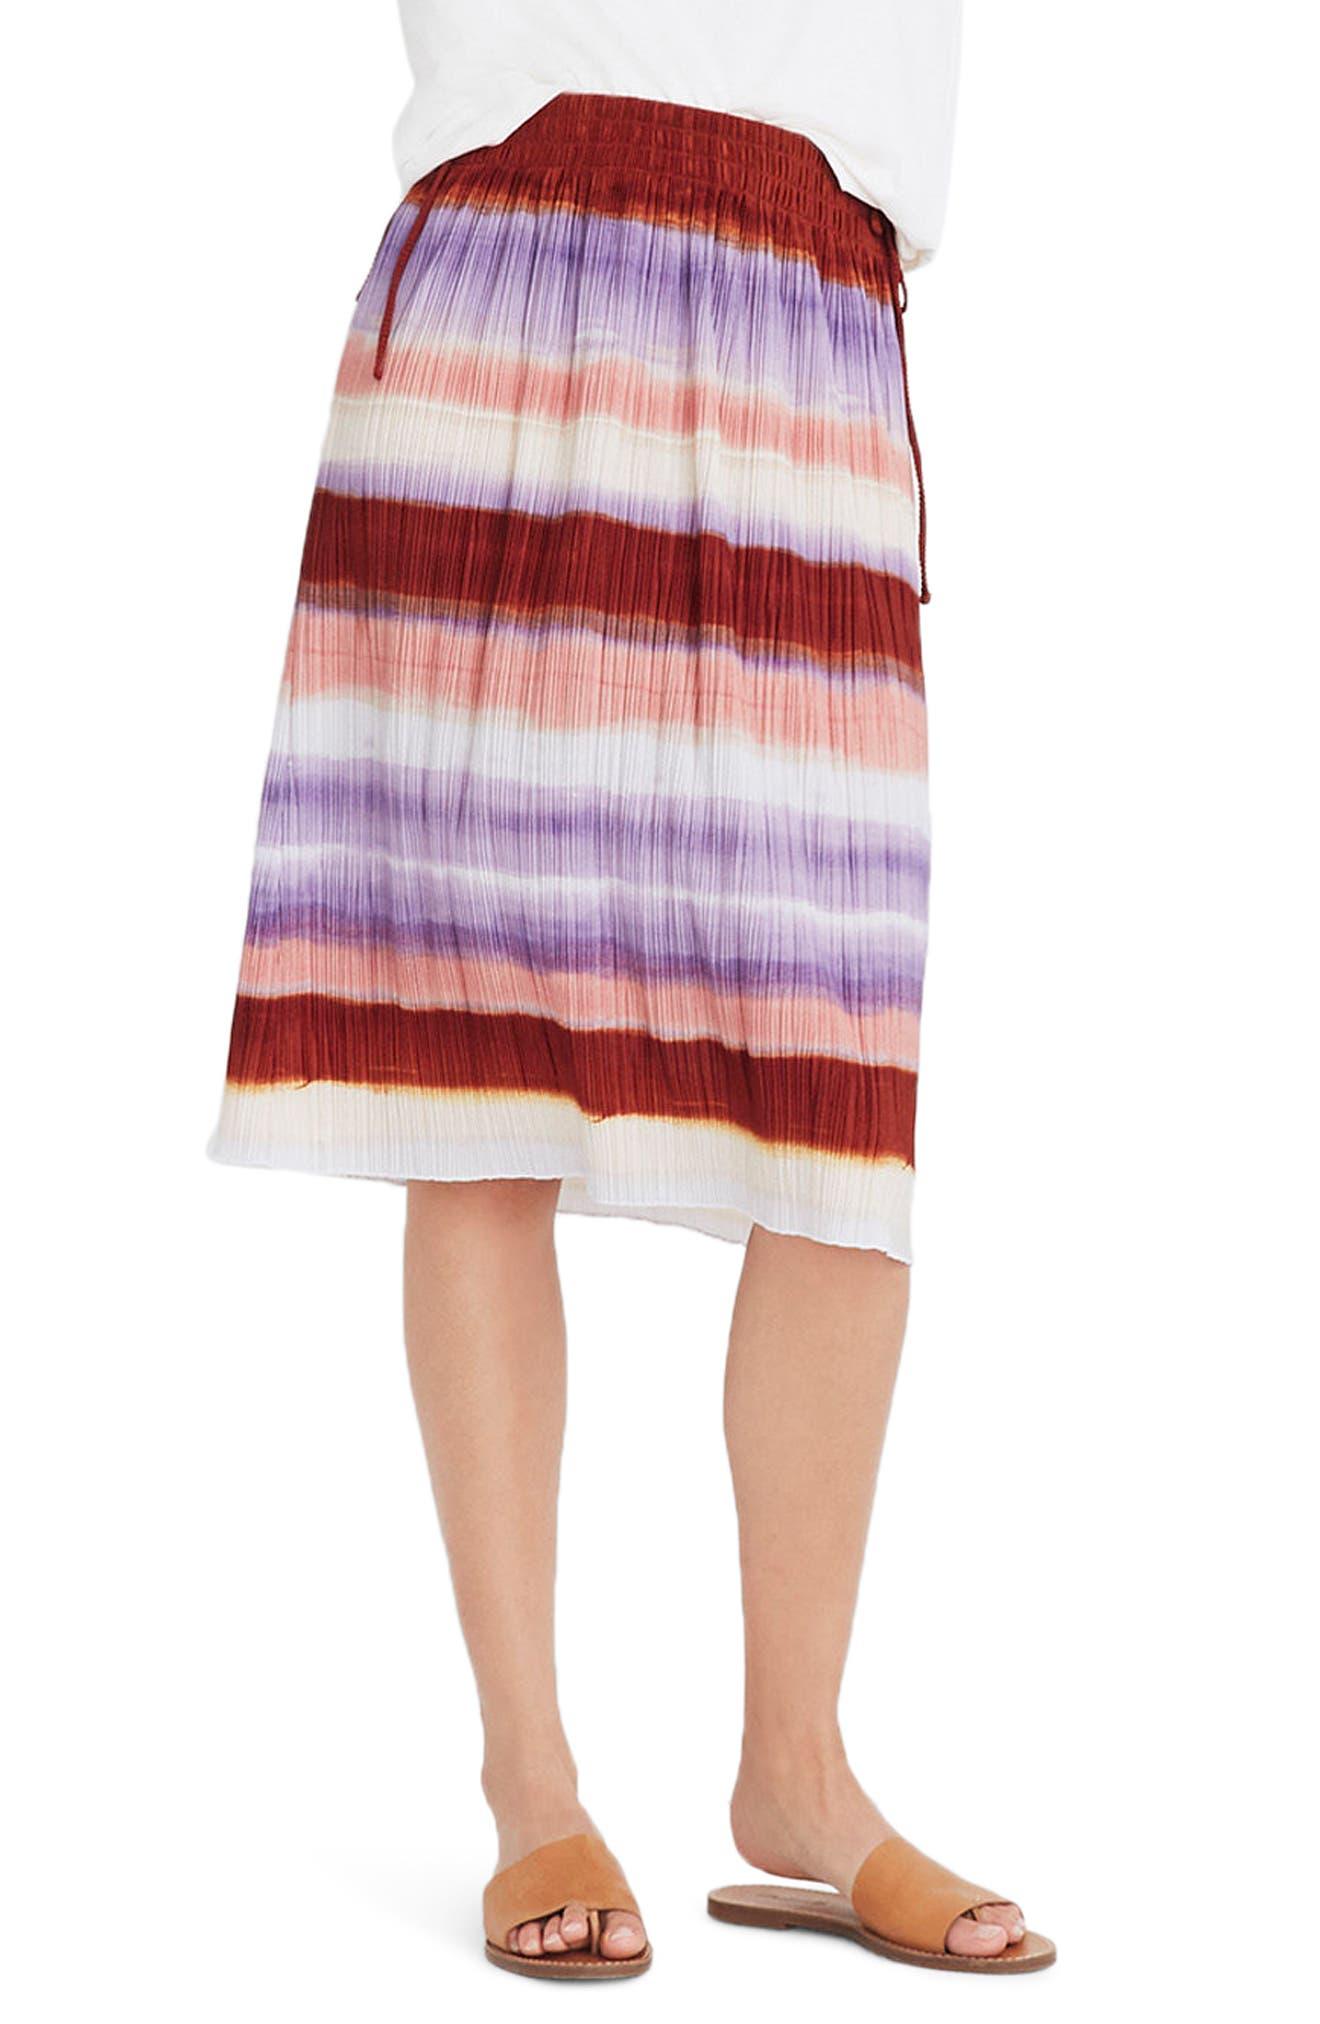 Texture & Thread Ombré Rainbow Micropleat Midi Skirt,                             Main thumbnail 1, color,                             Clementine Cream